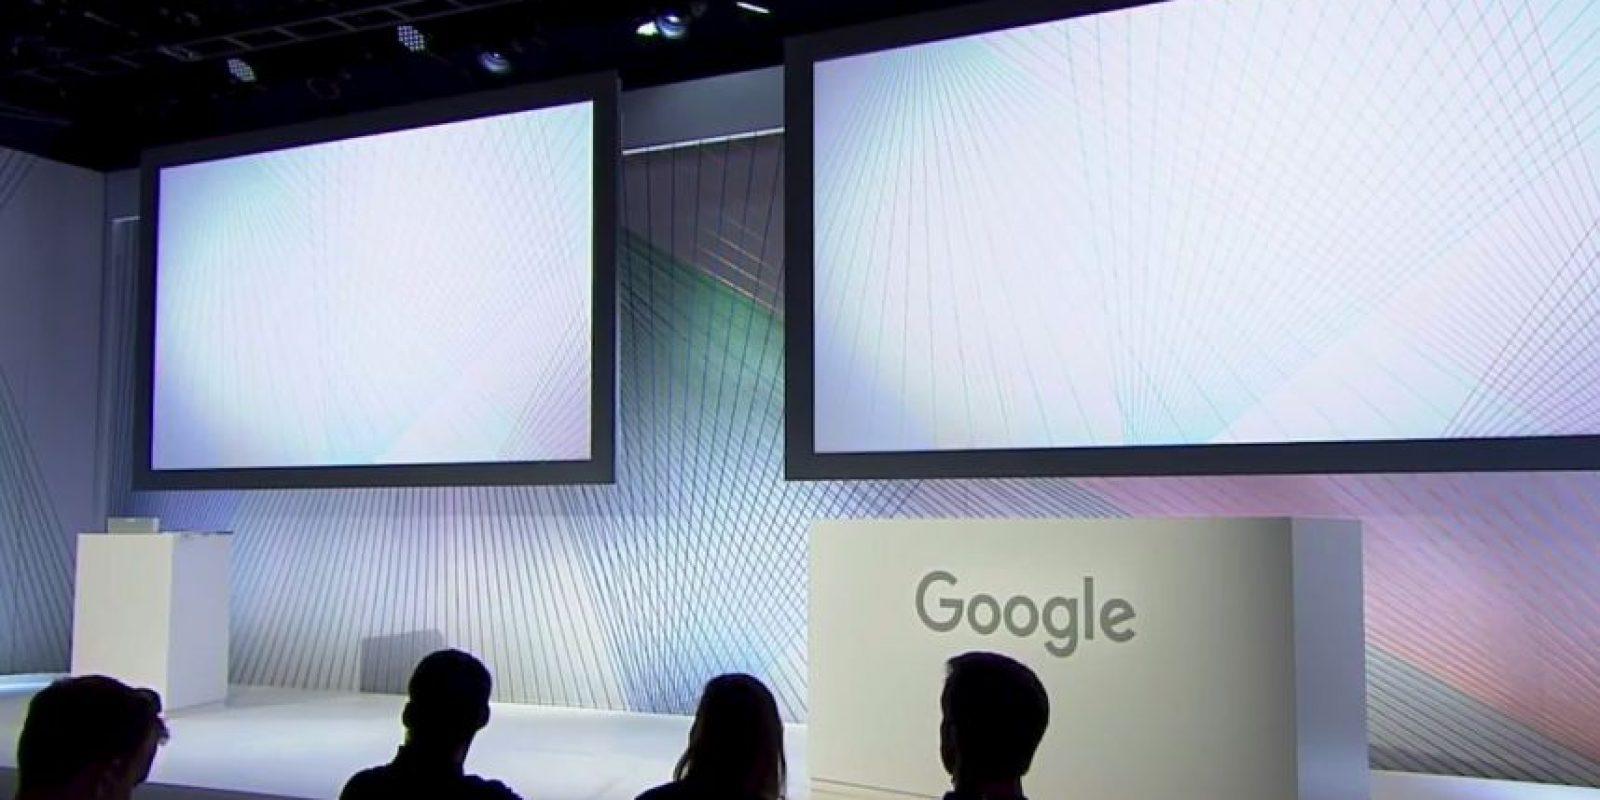 Estas son las novedades que Google presentó en su evento del 29 de septiembre del 2015 Foto:Google